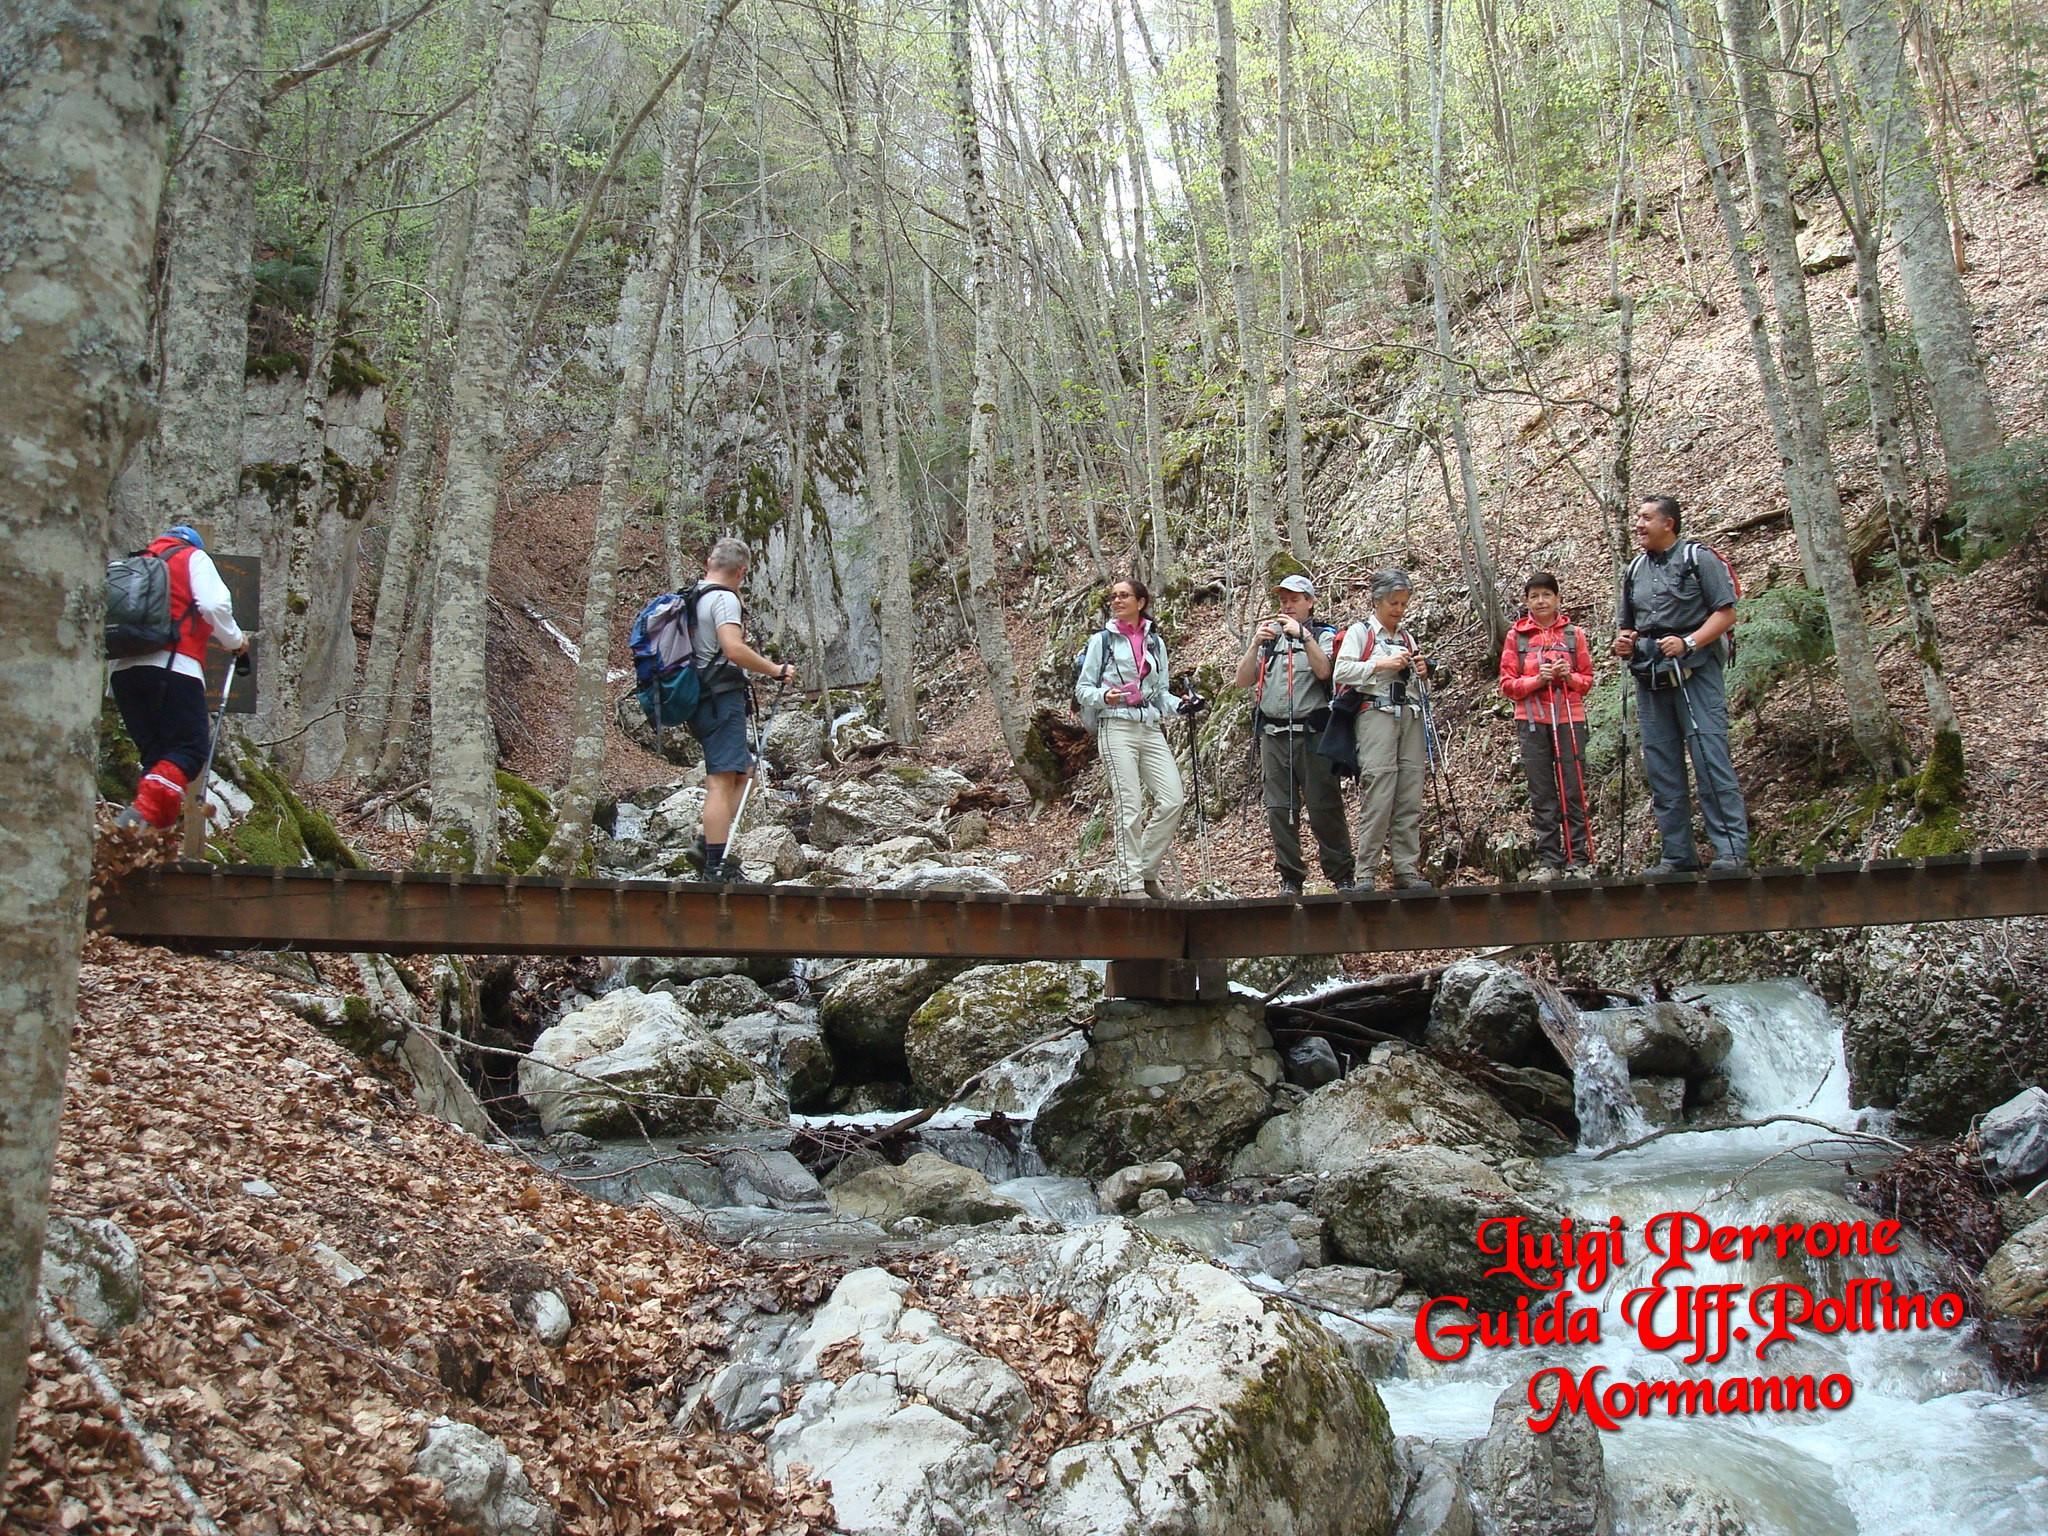 Escusione parco pollino rifugi cime piani fiume lao for Piani di ponte ottagonale